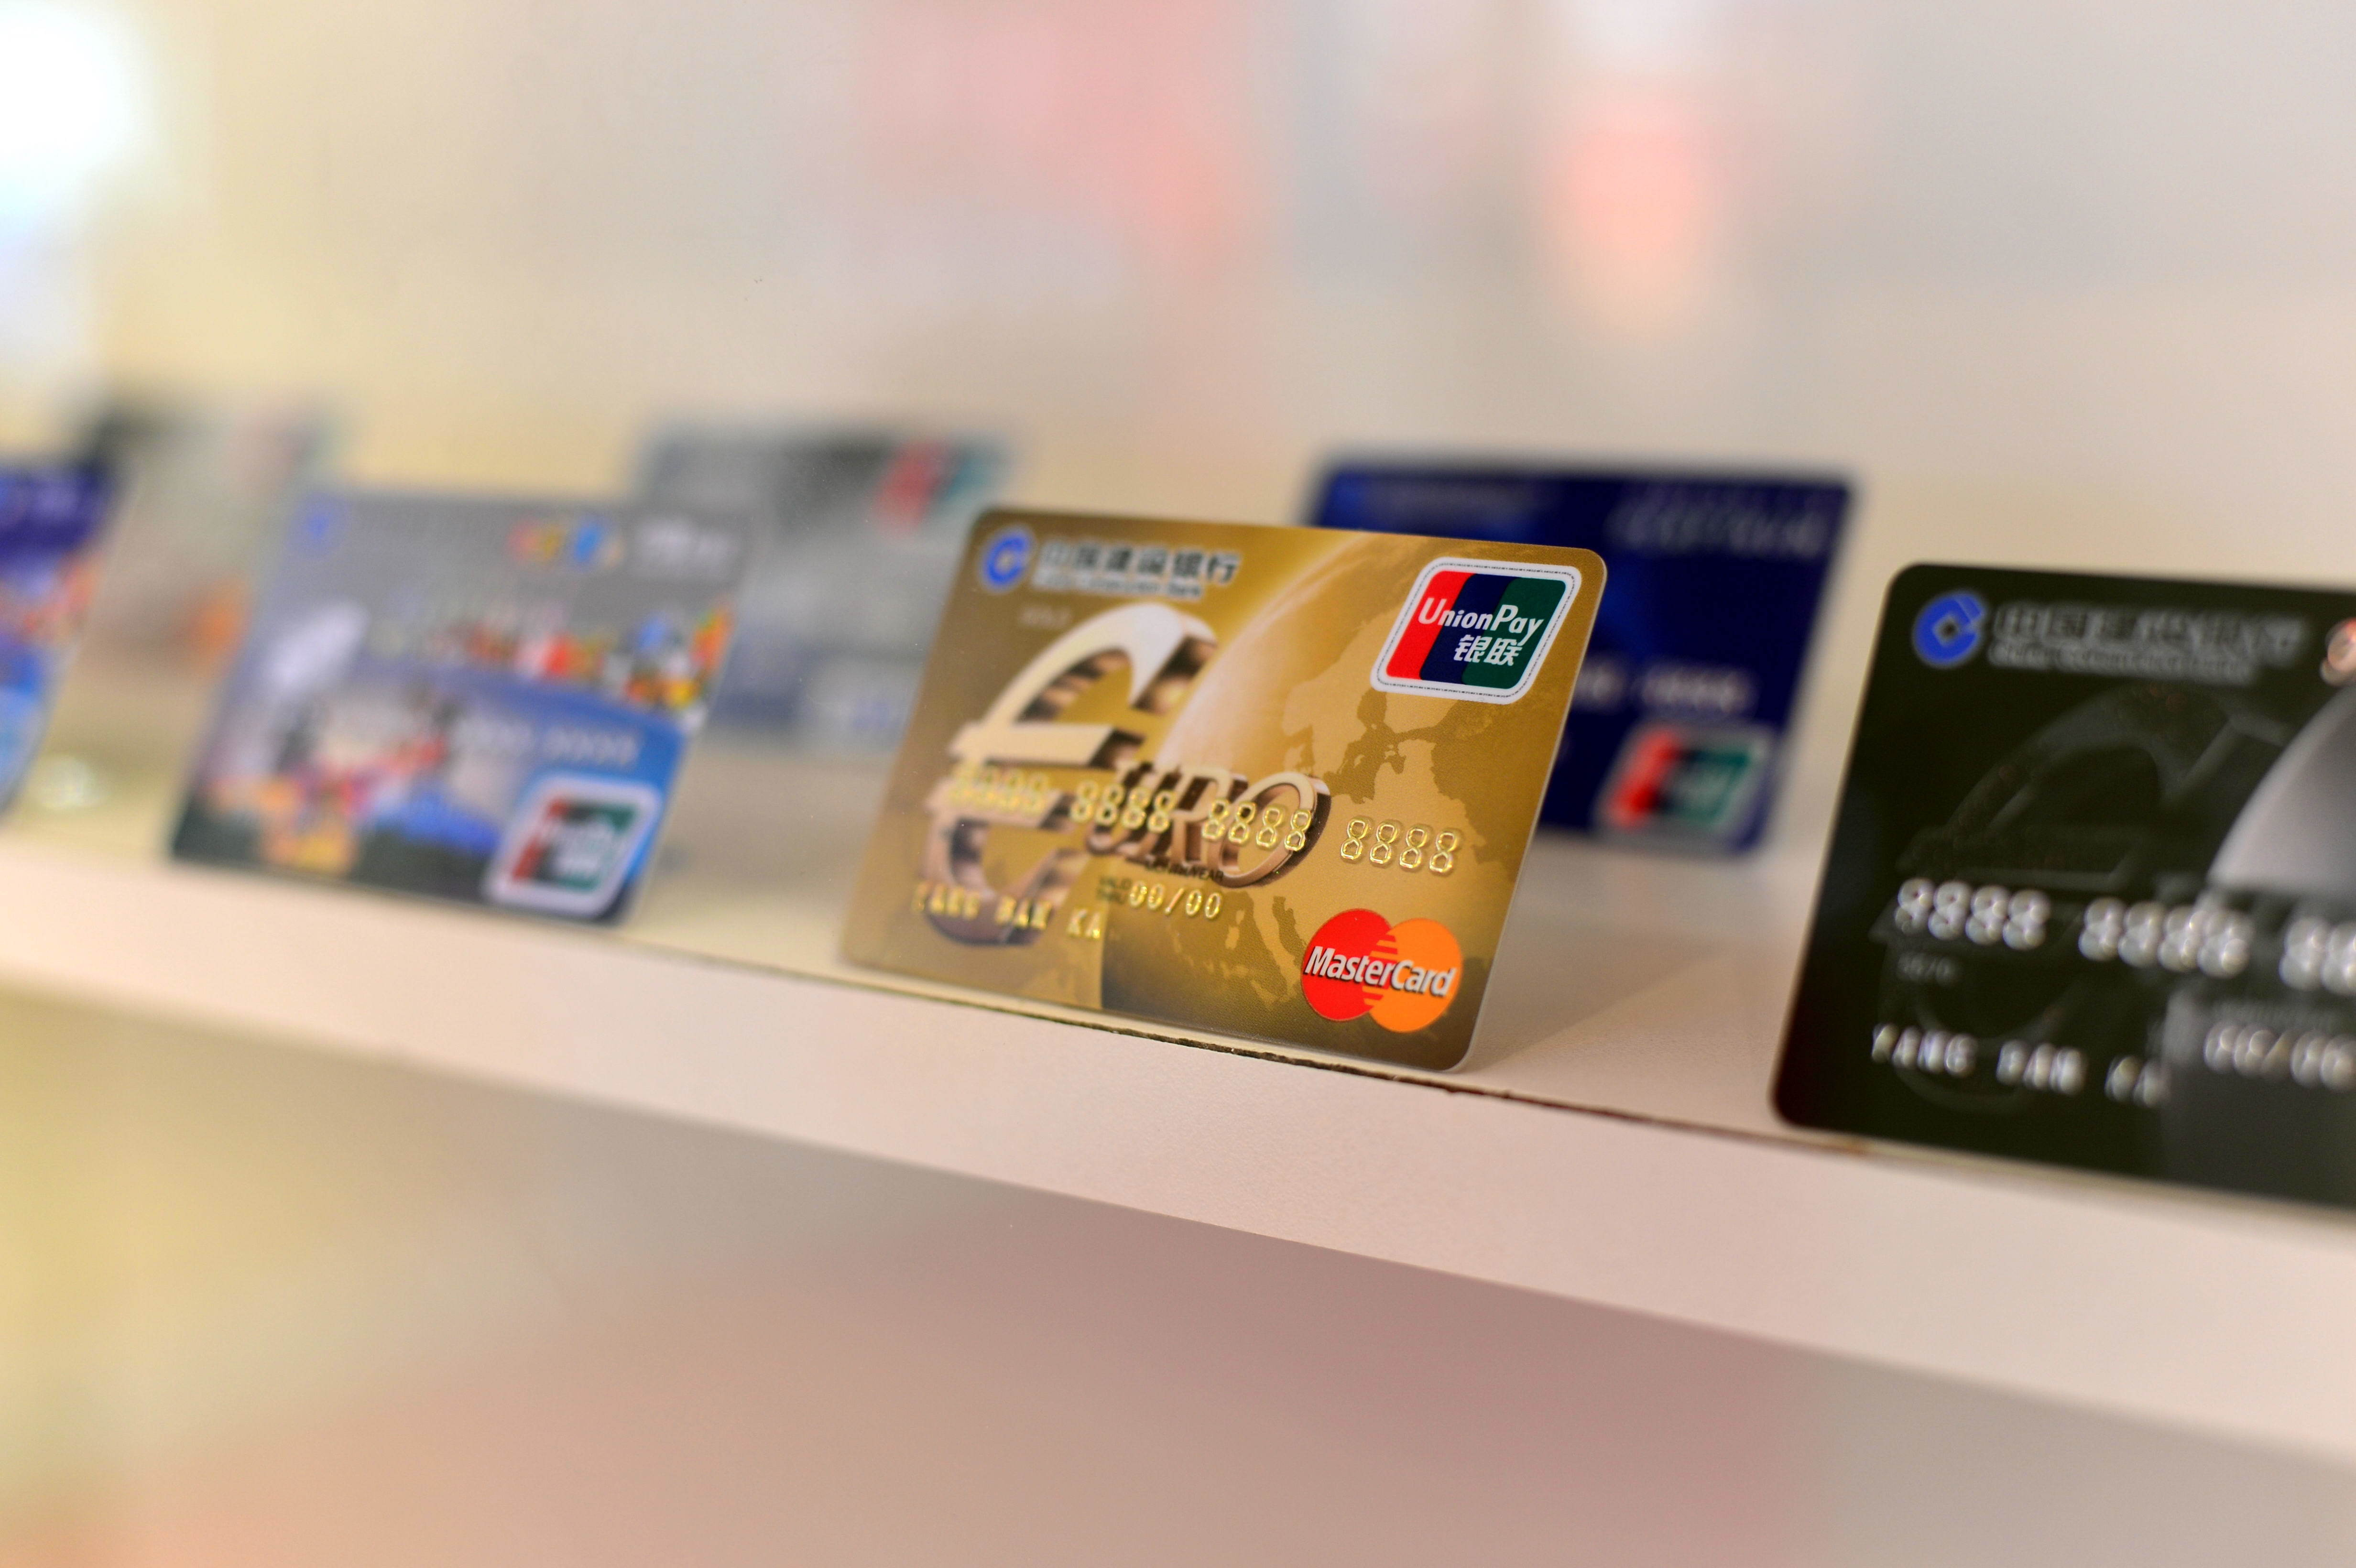 光大的信用卡还能办吗?给你答案!